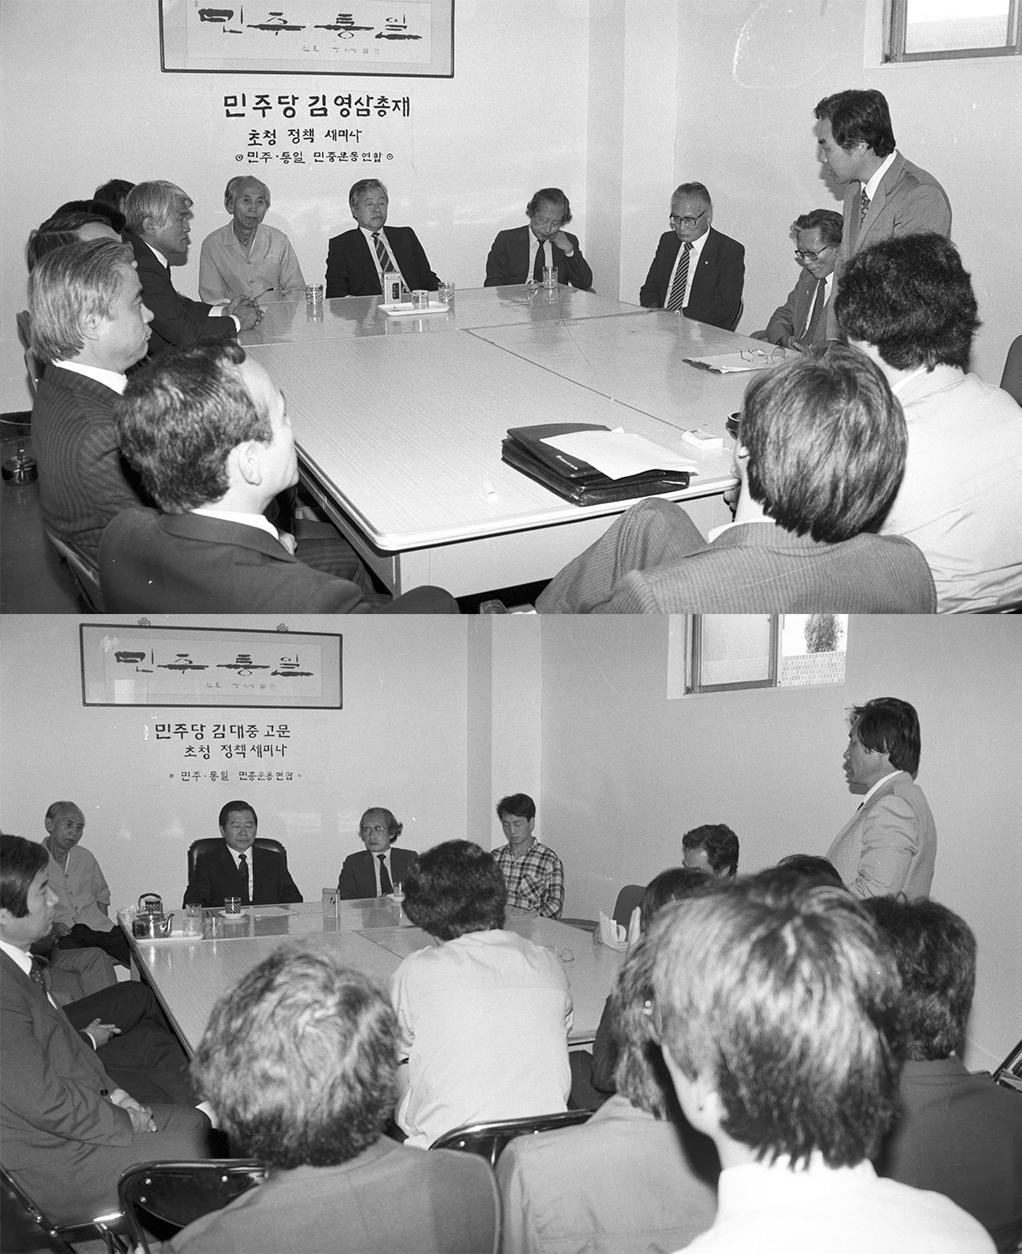 1987년 9월 28일 민통련이 주최한 양 김씨 초청 정책 토론회